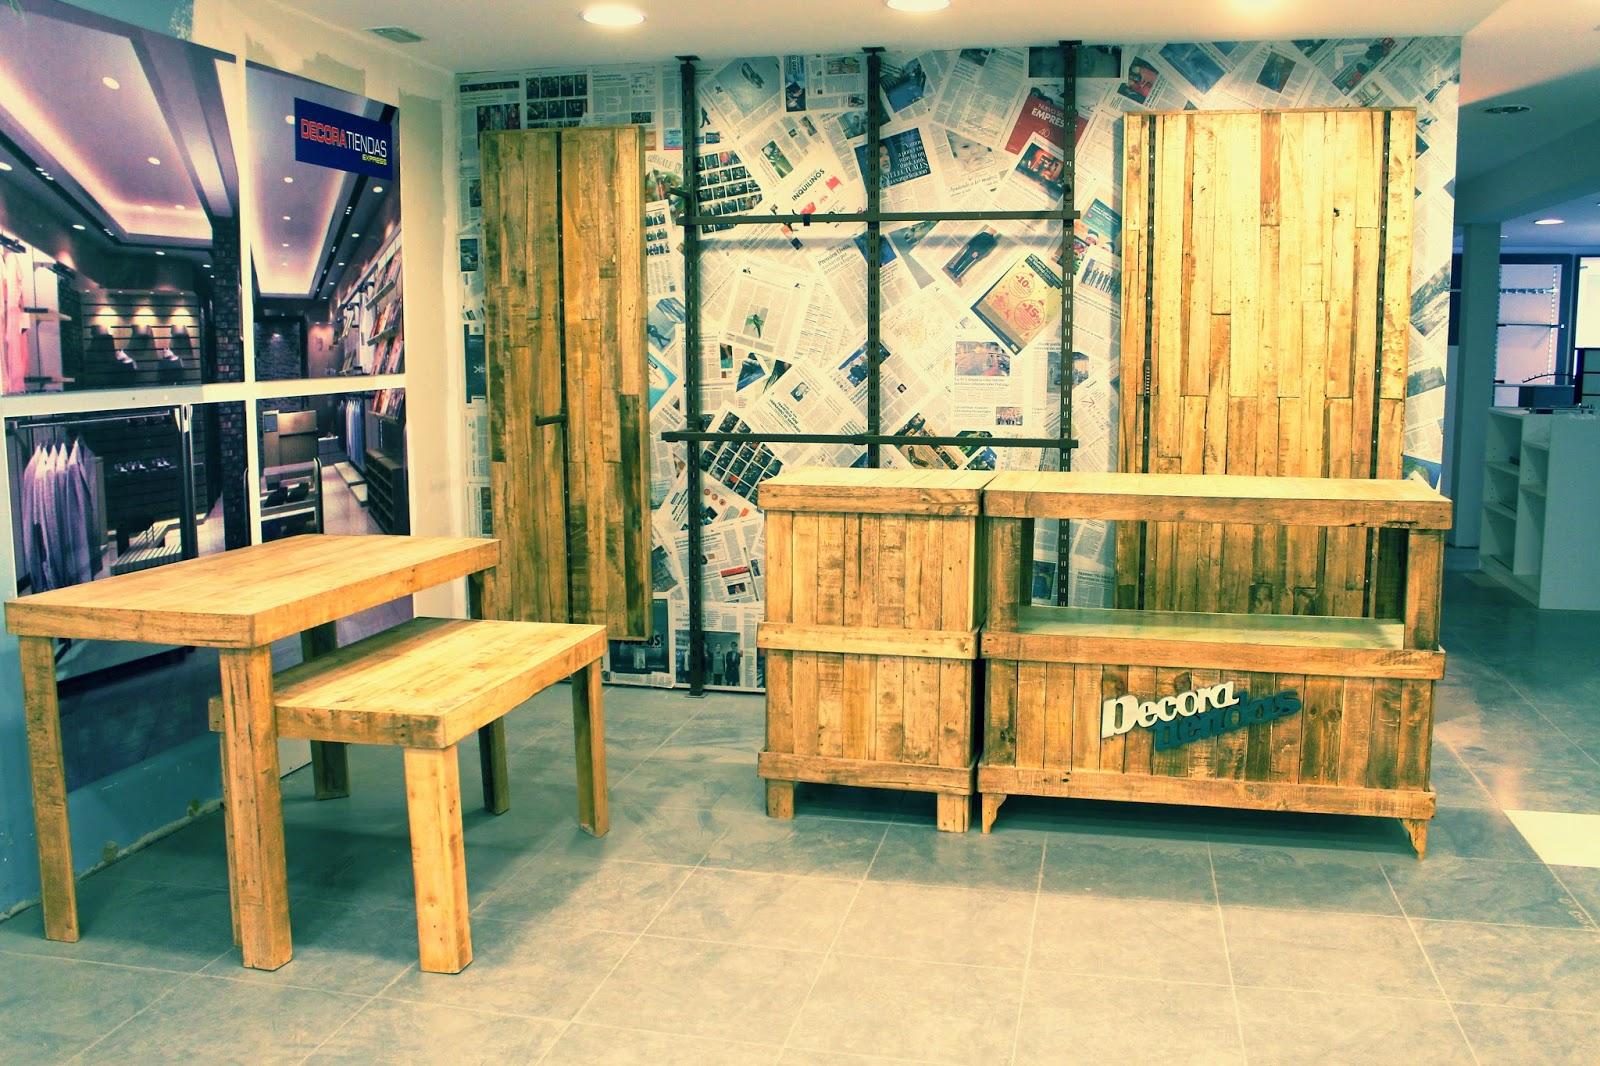 El campanario muebles r sticos de colombia inicio empresas que compren muebles usados en - Muebles usados madrid ...